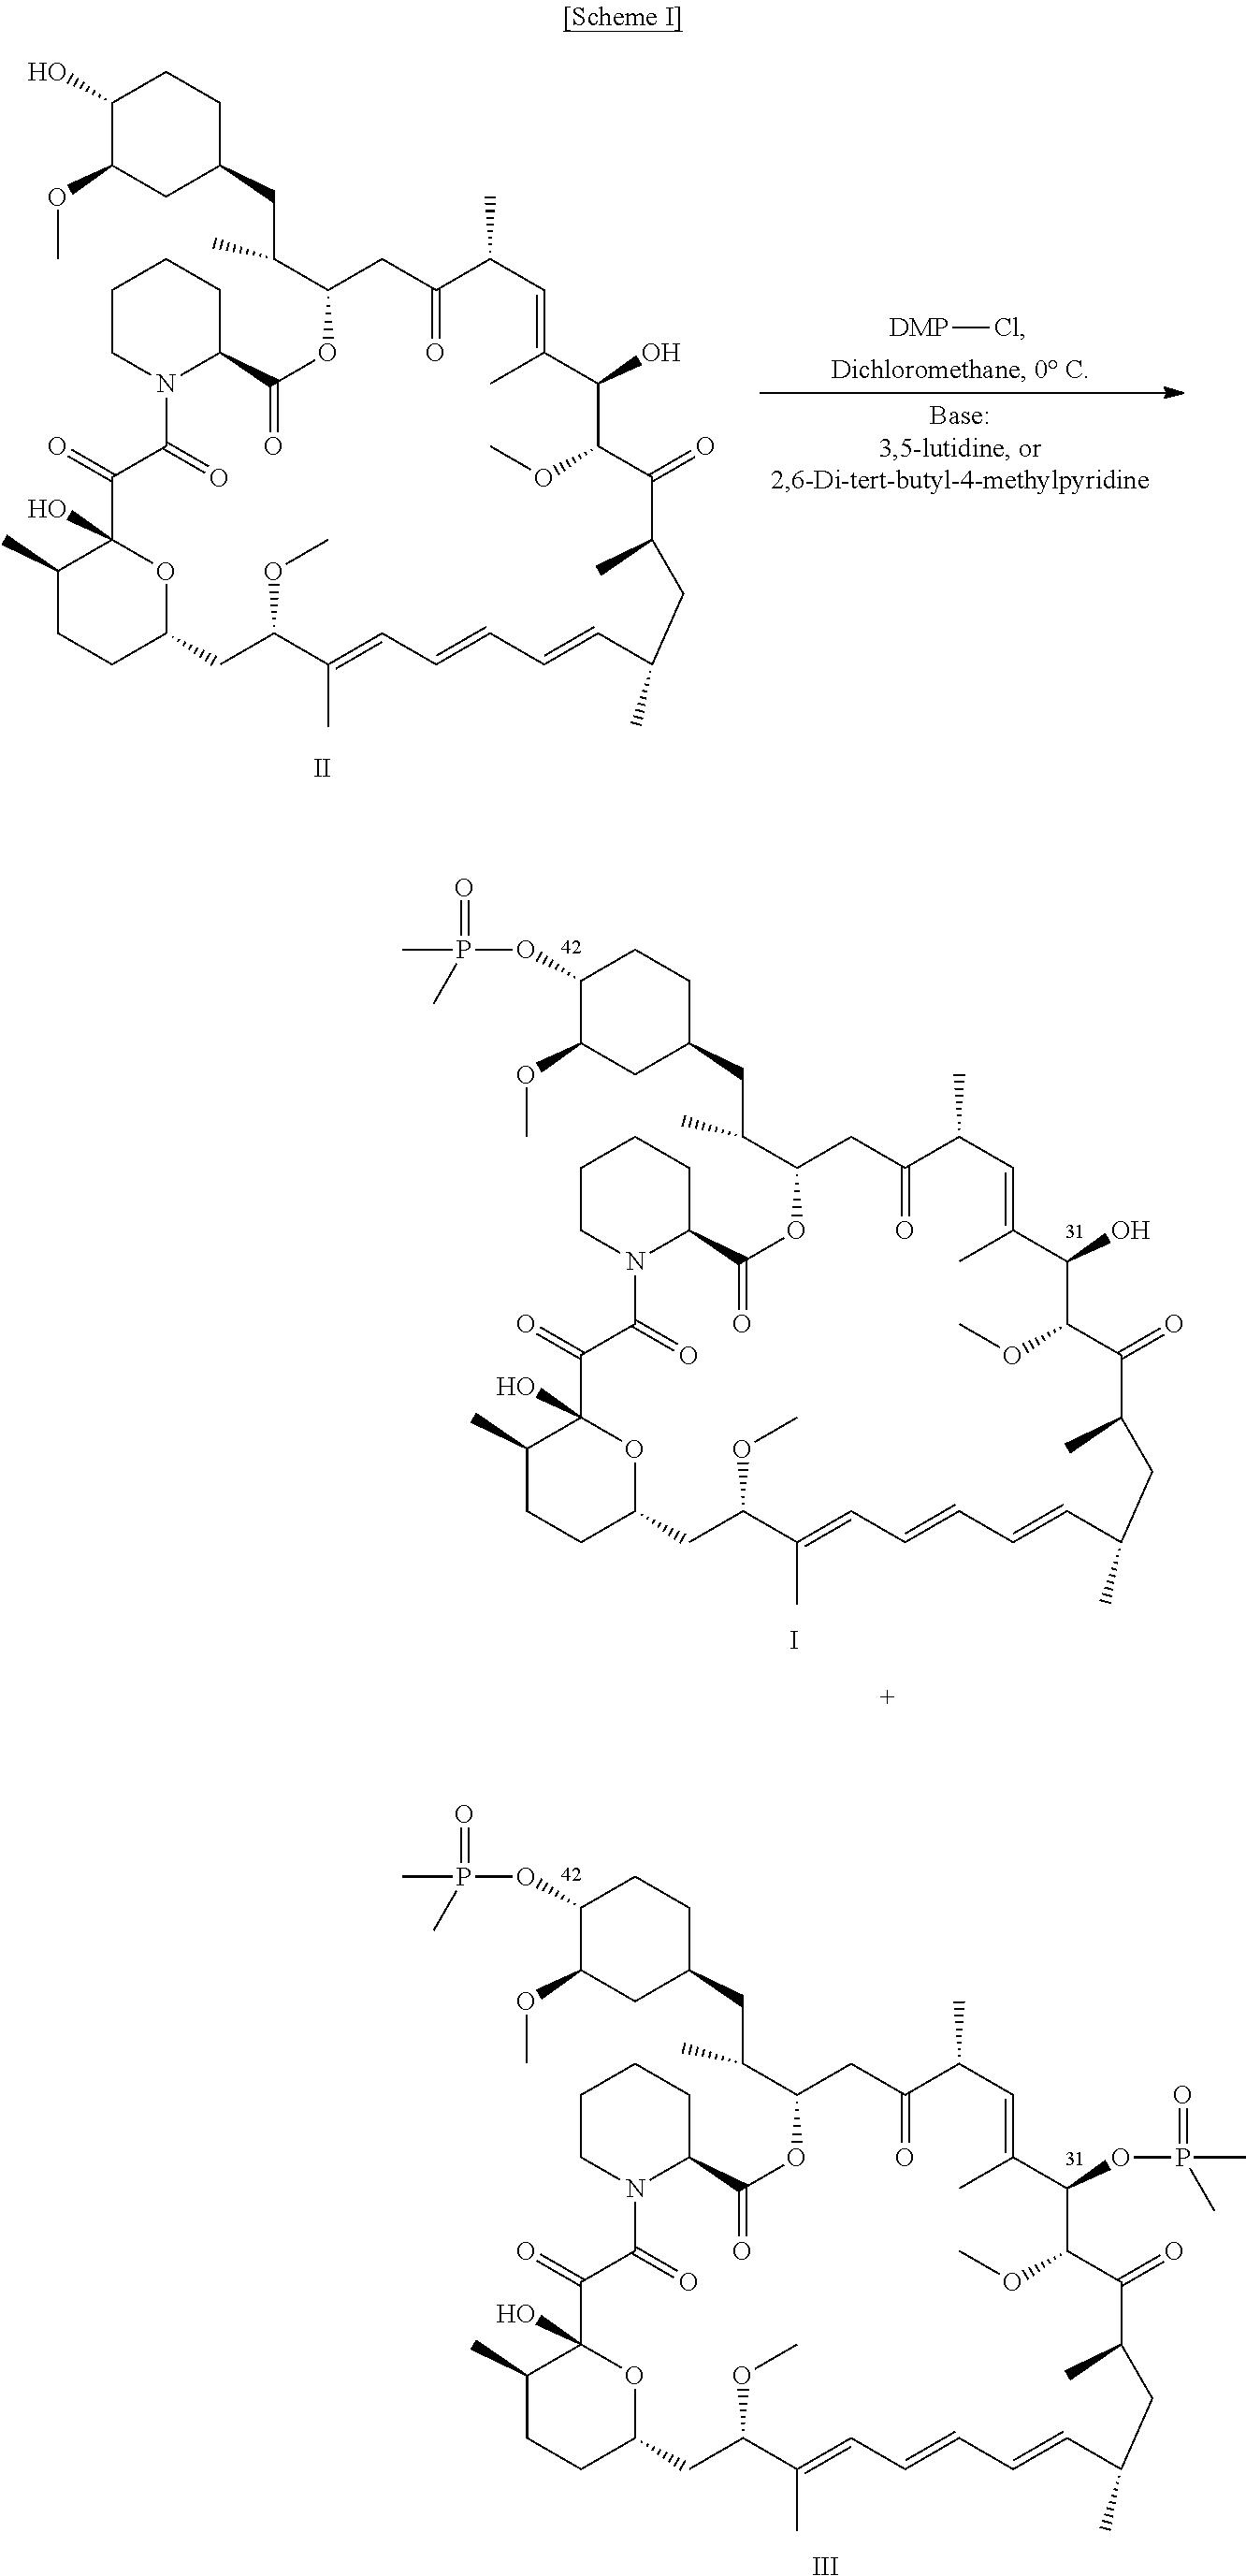 Figure US20140058081A1-20140227-C00002